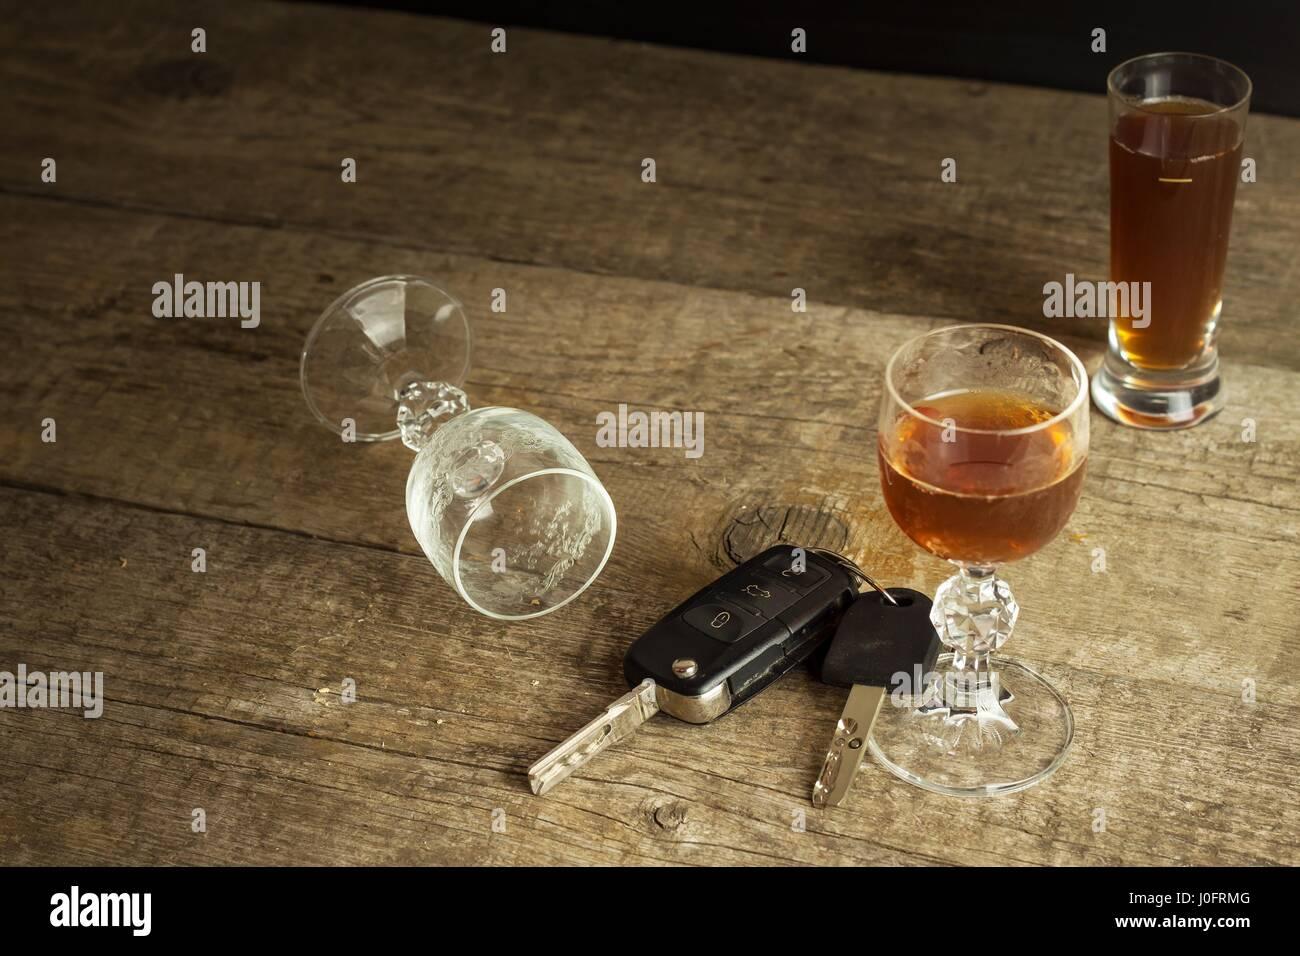 Legal Drink Drive Ltd